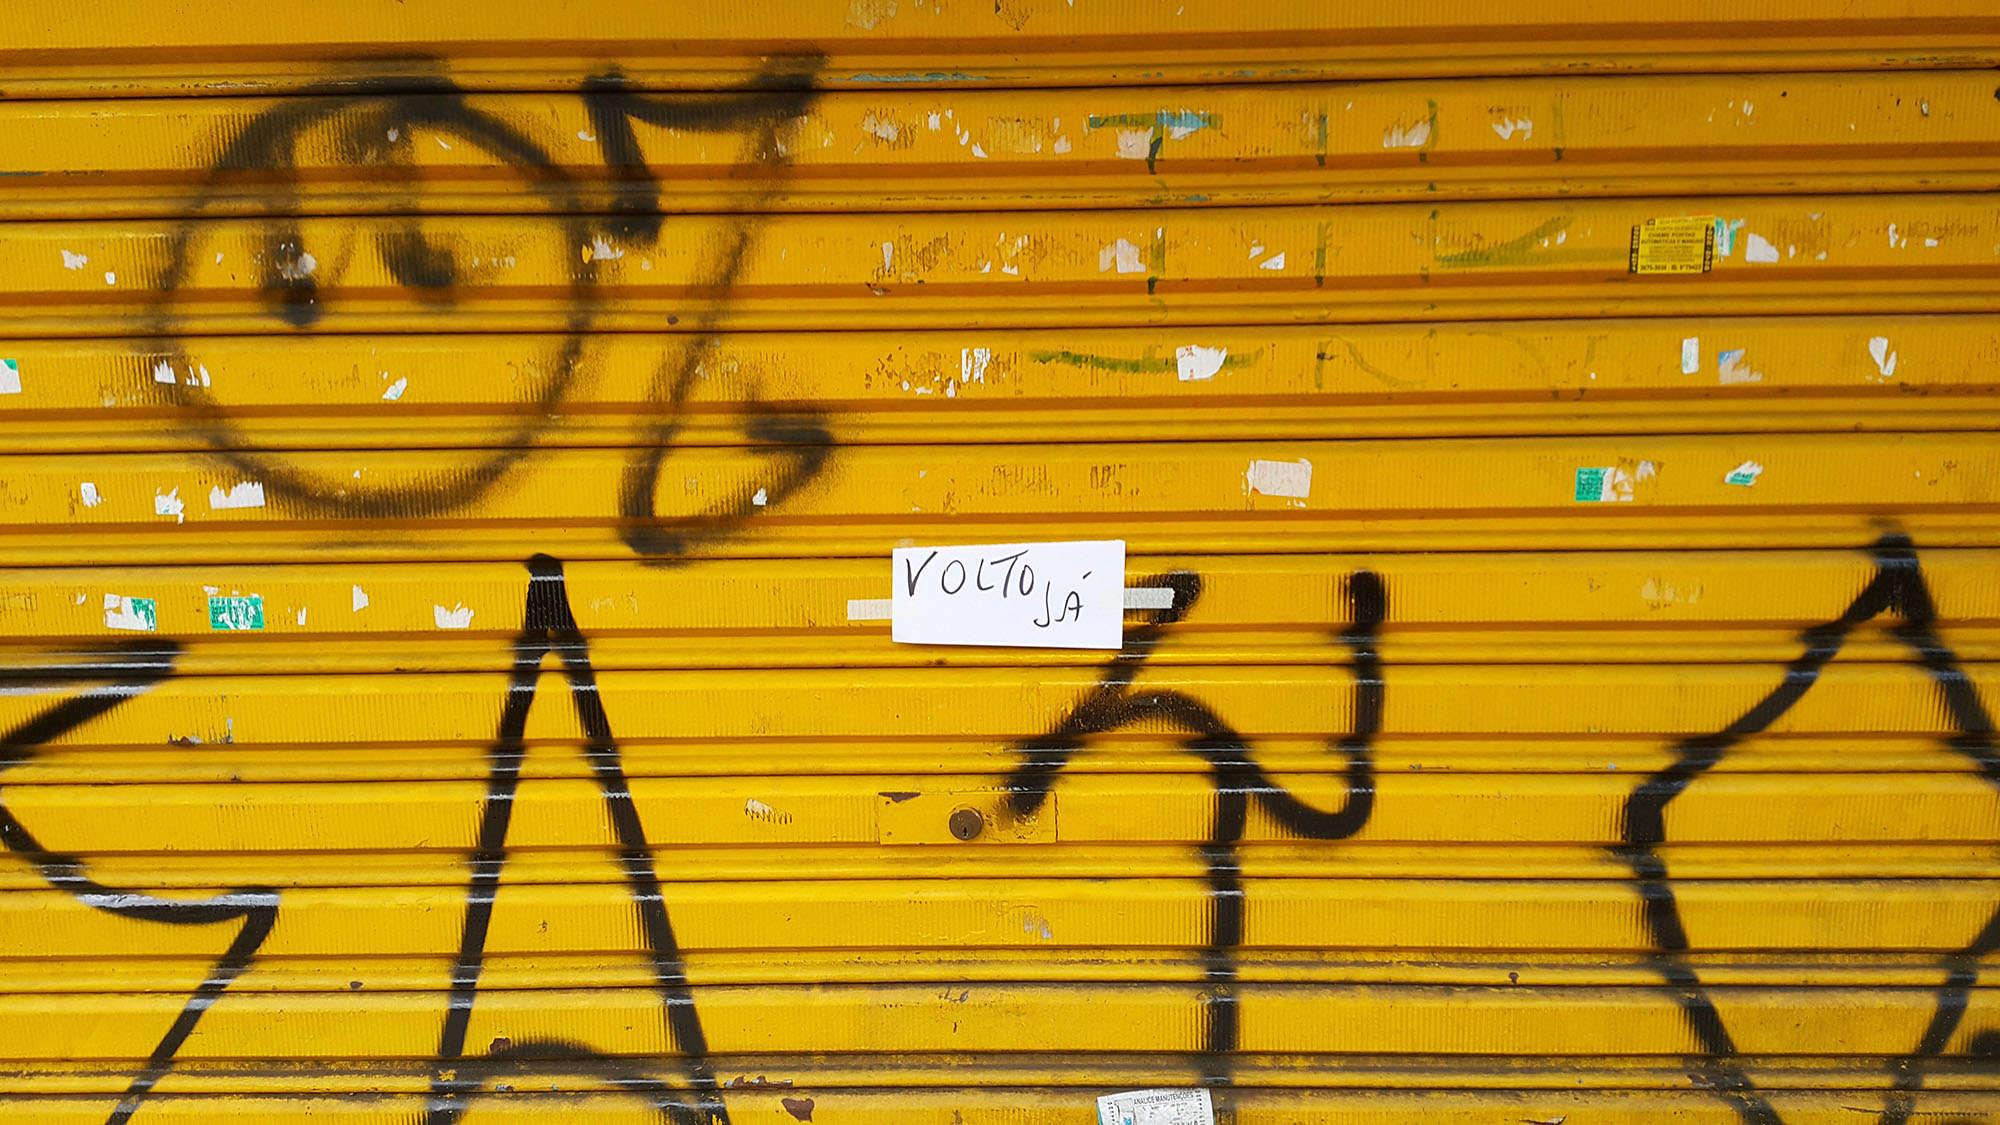 porta amarela em uma rua em são paulo